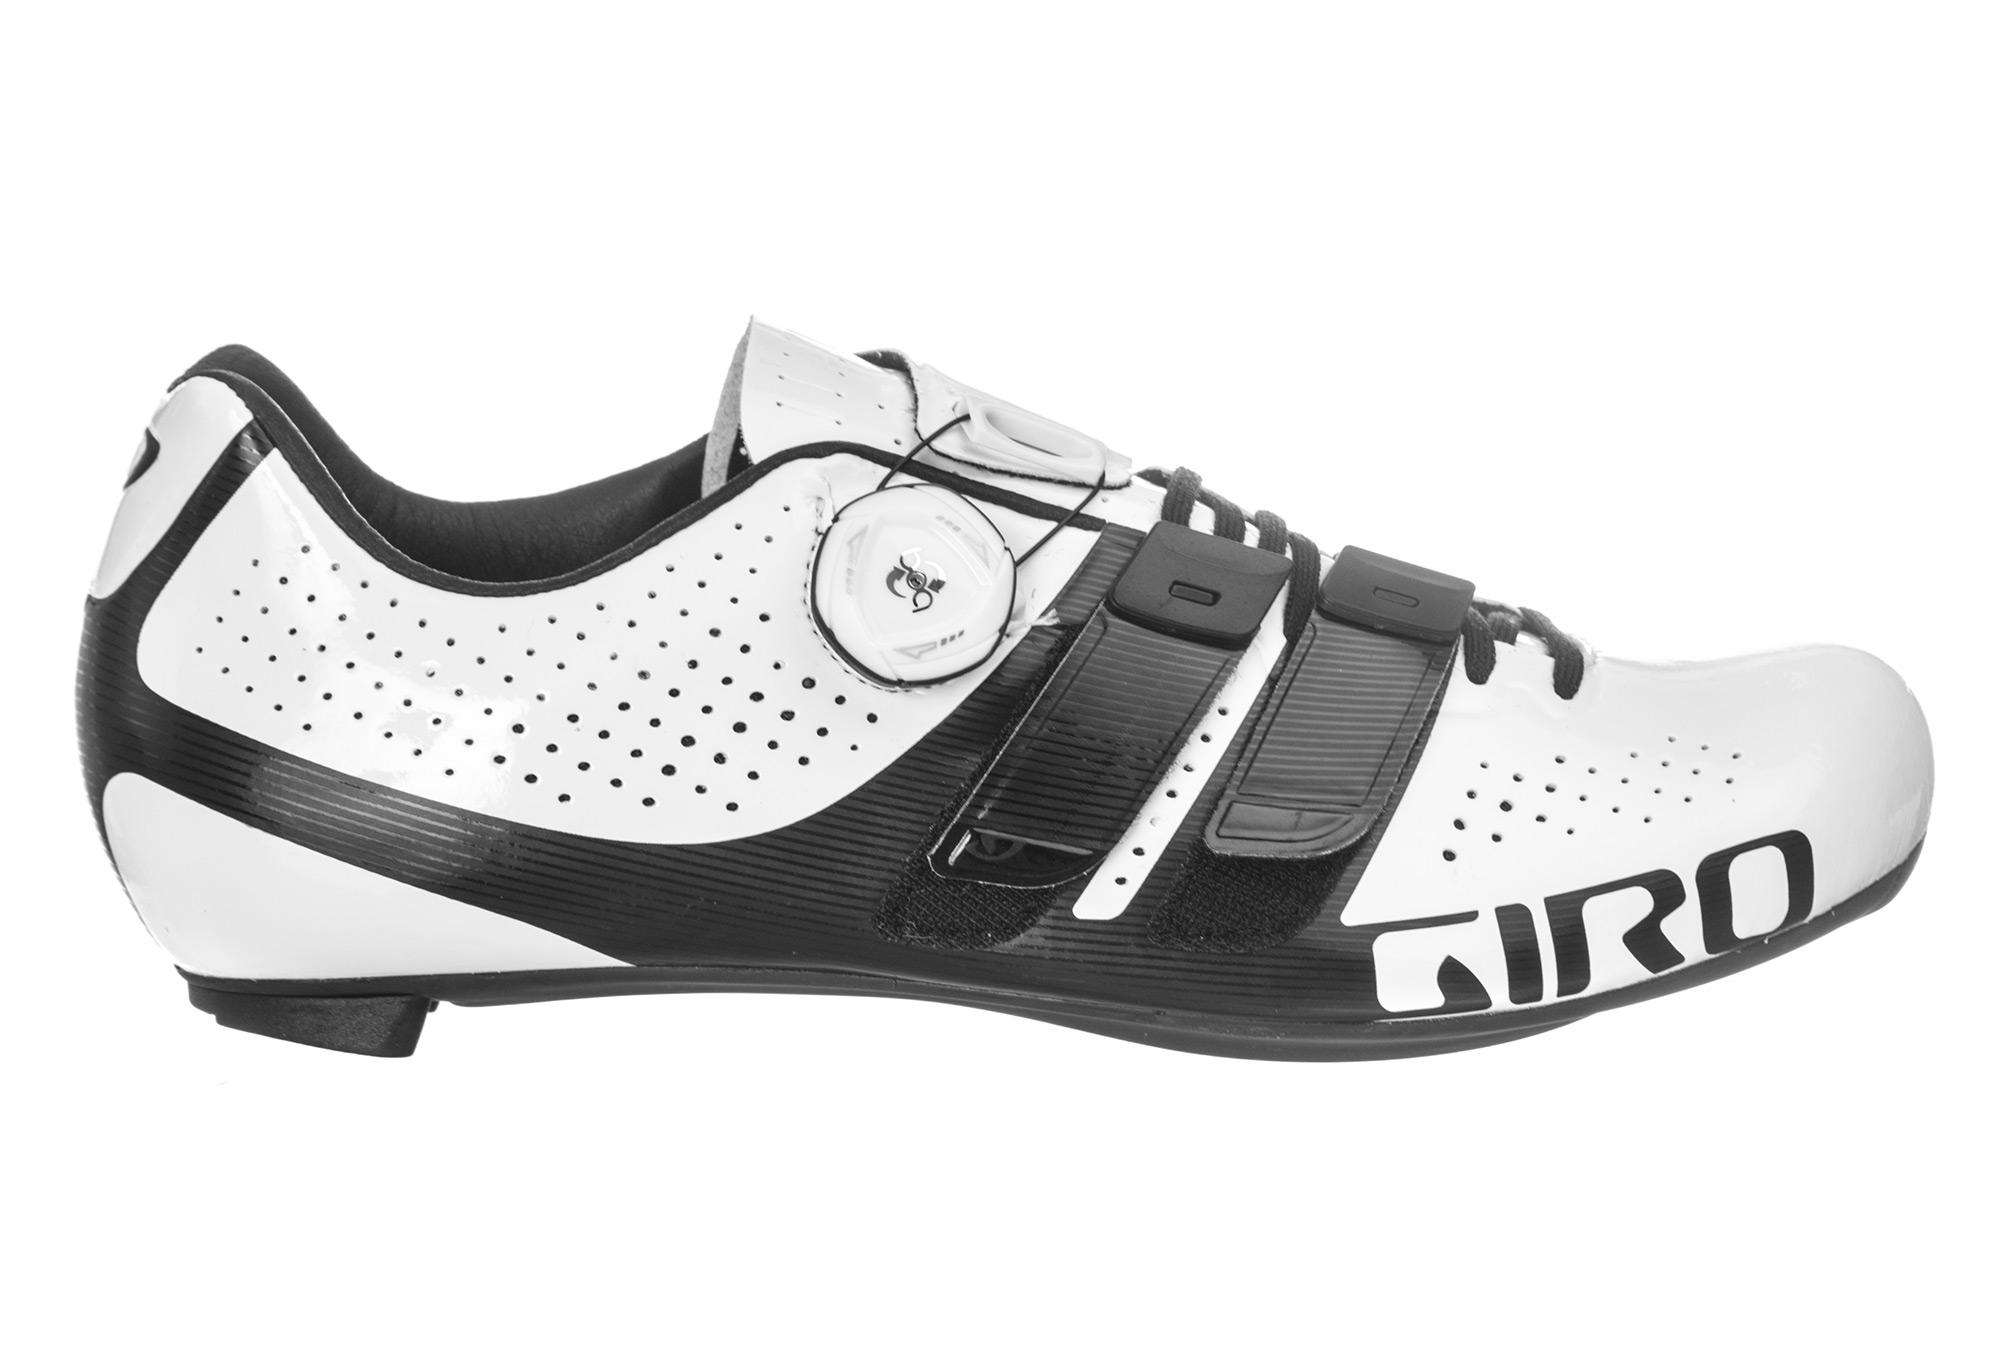 De Factor Techlace Chaussures Blanc Route Noir Paire Giro 8nwNOX0Pk